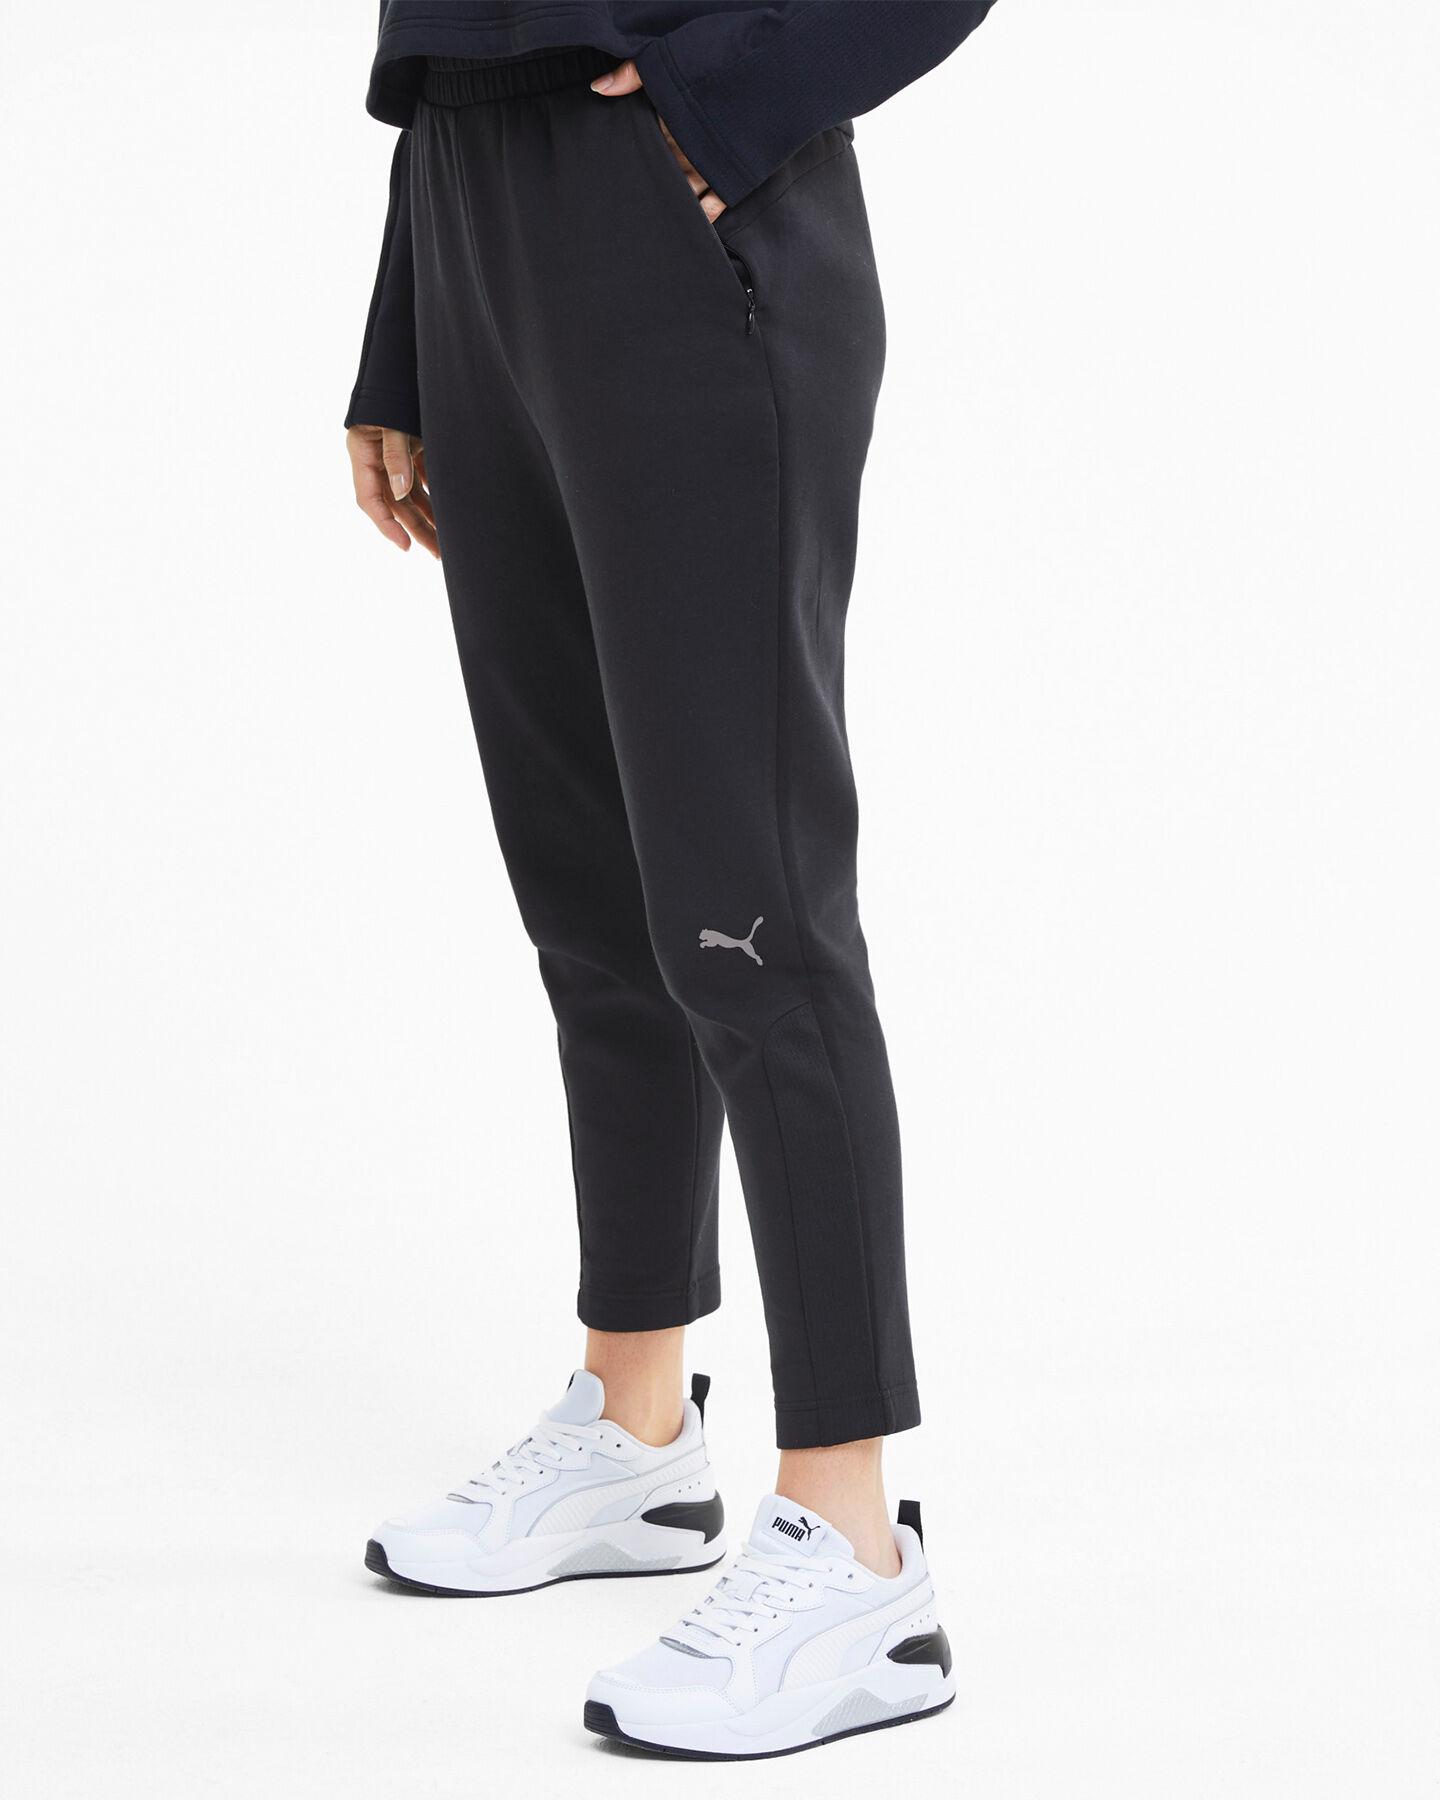 Pantalone PUMA DOUBLE W S5235217 scatto 2